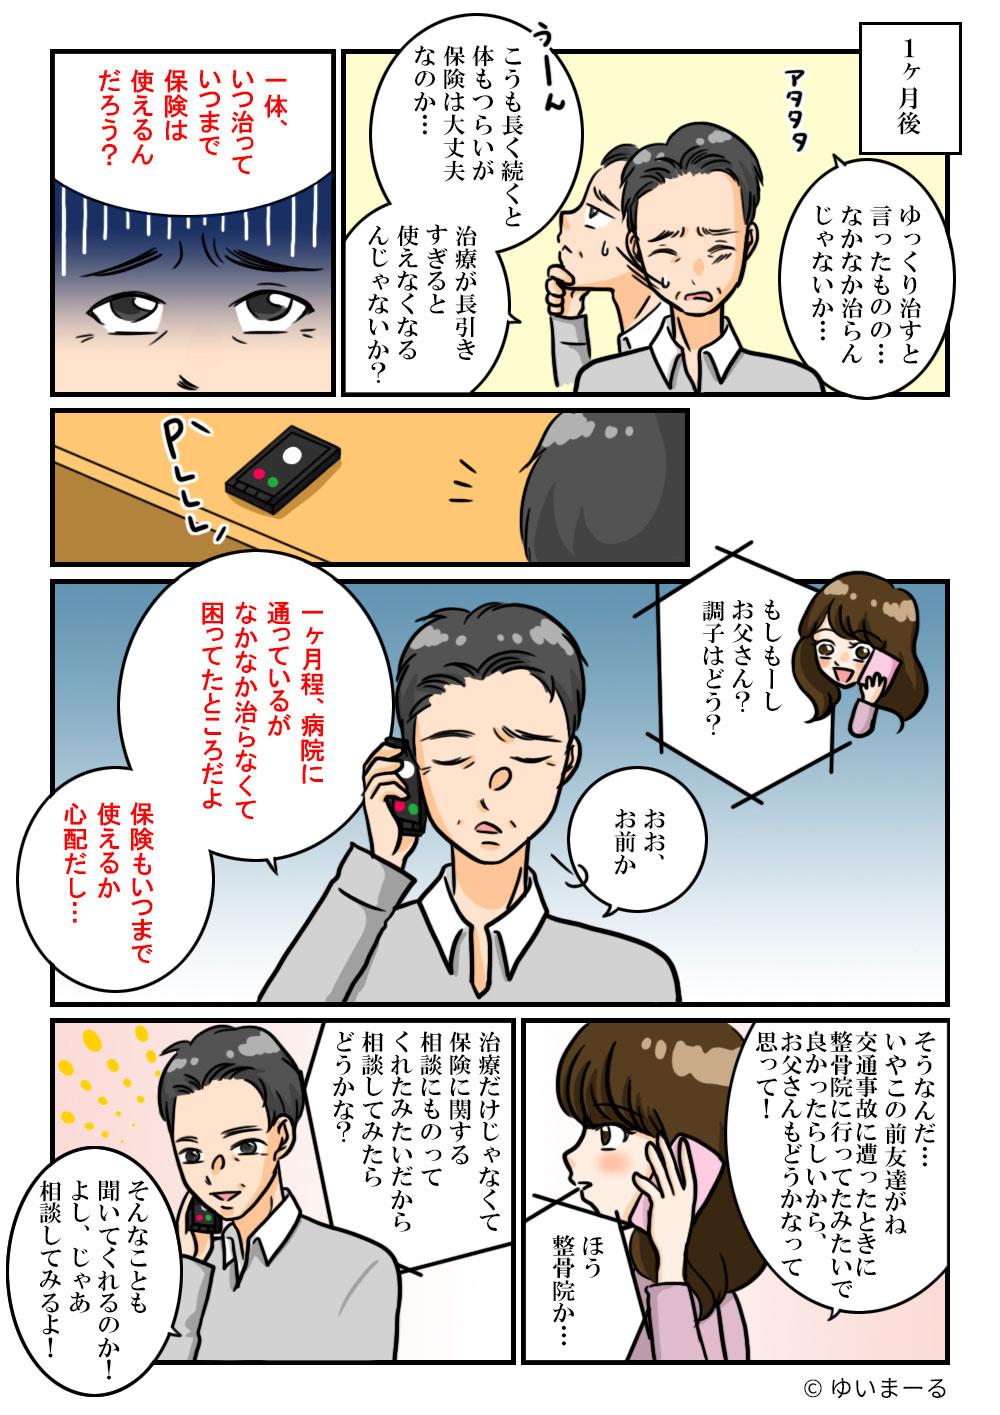 漫画4-2